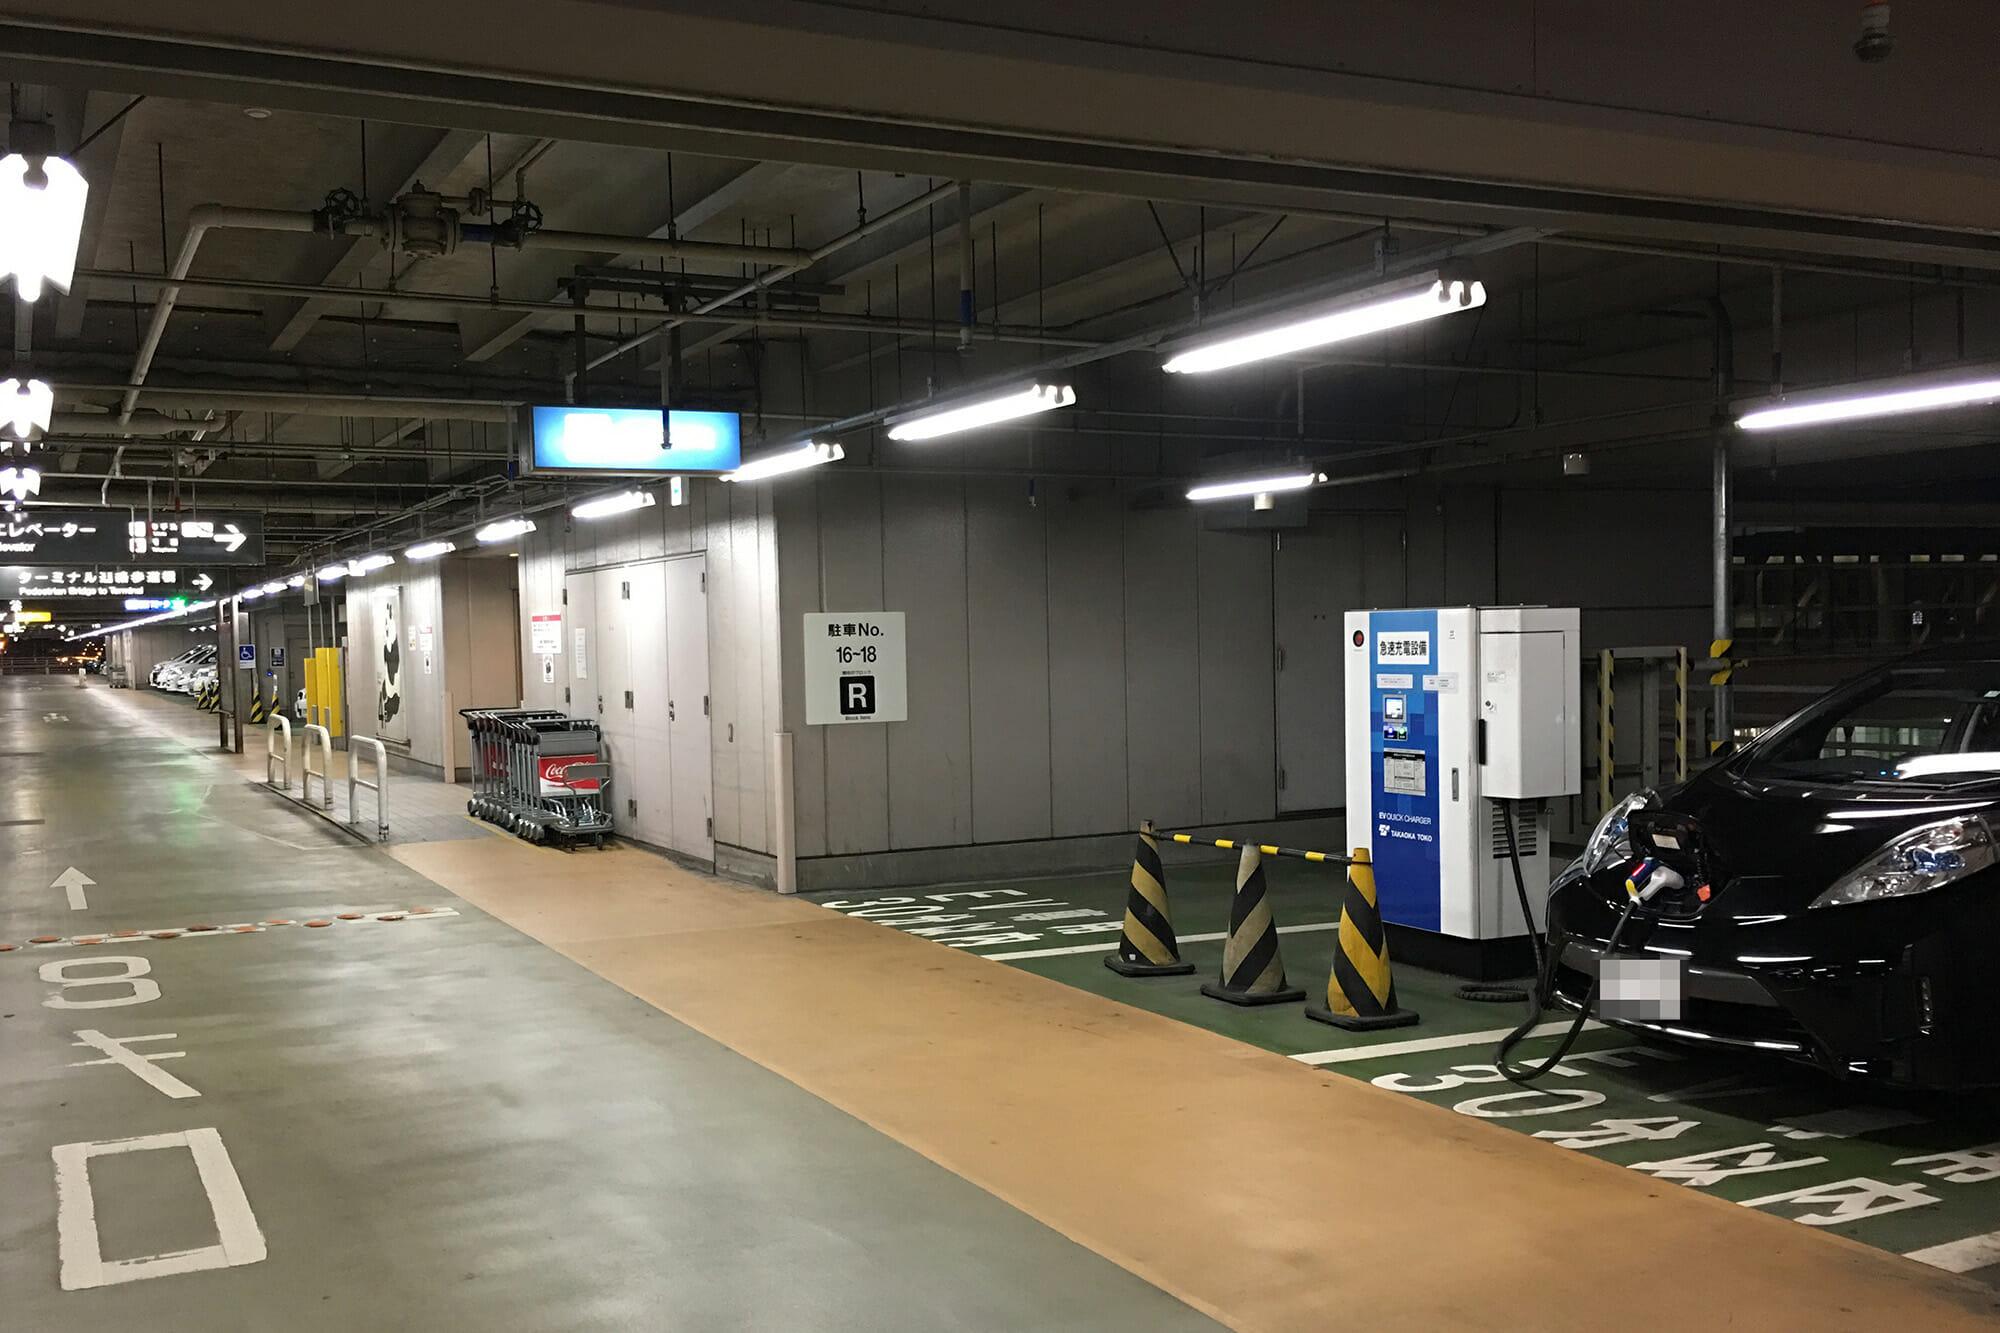 羽田空港 急速充電器 日産リーフ